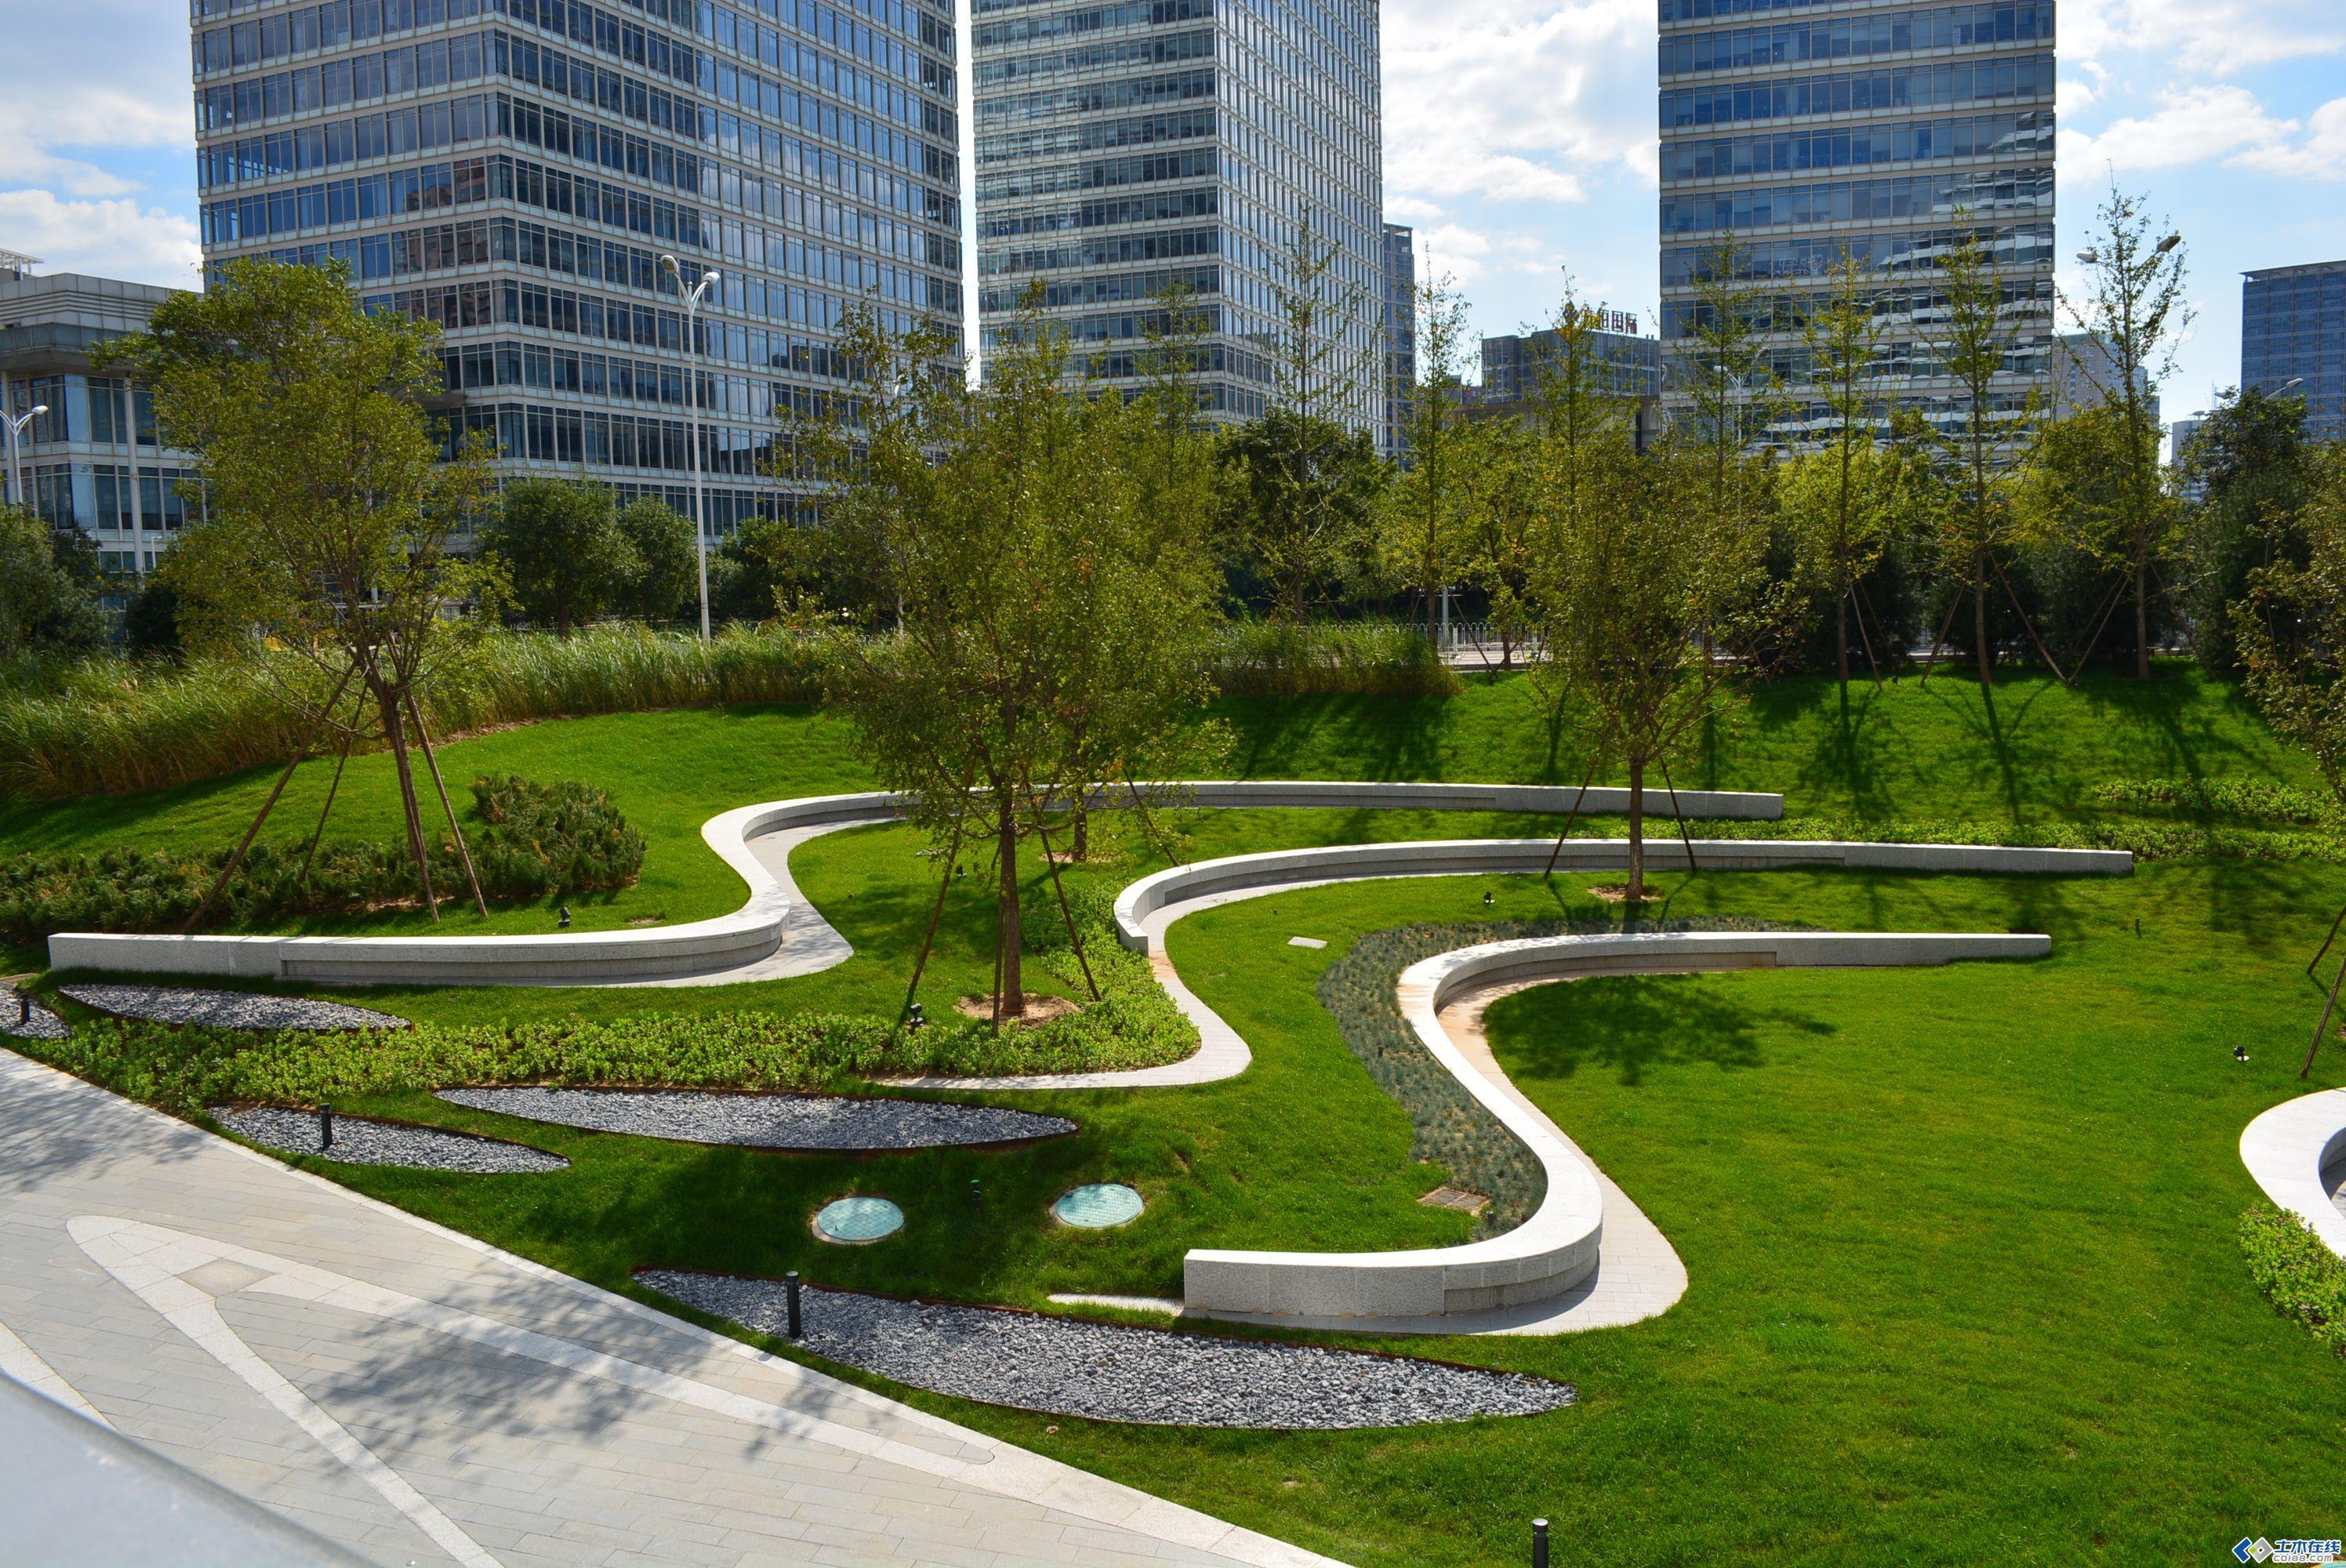 Dsc 0111 Jpg Landscape Architecture Design Public Park Design Landscape Design